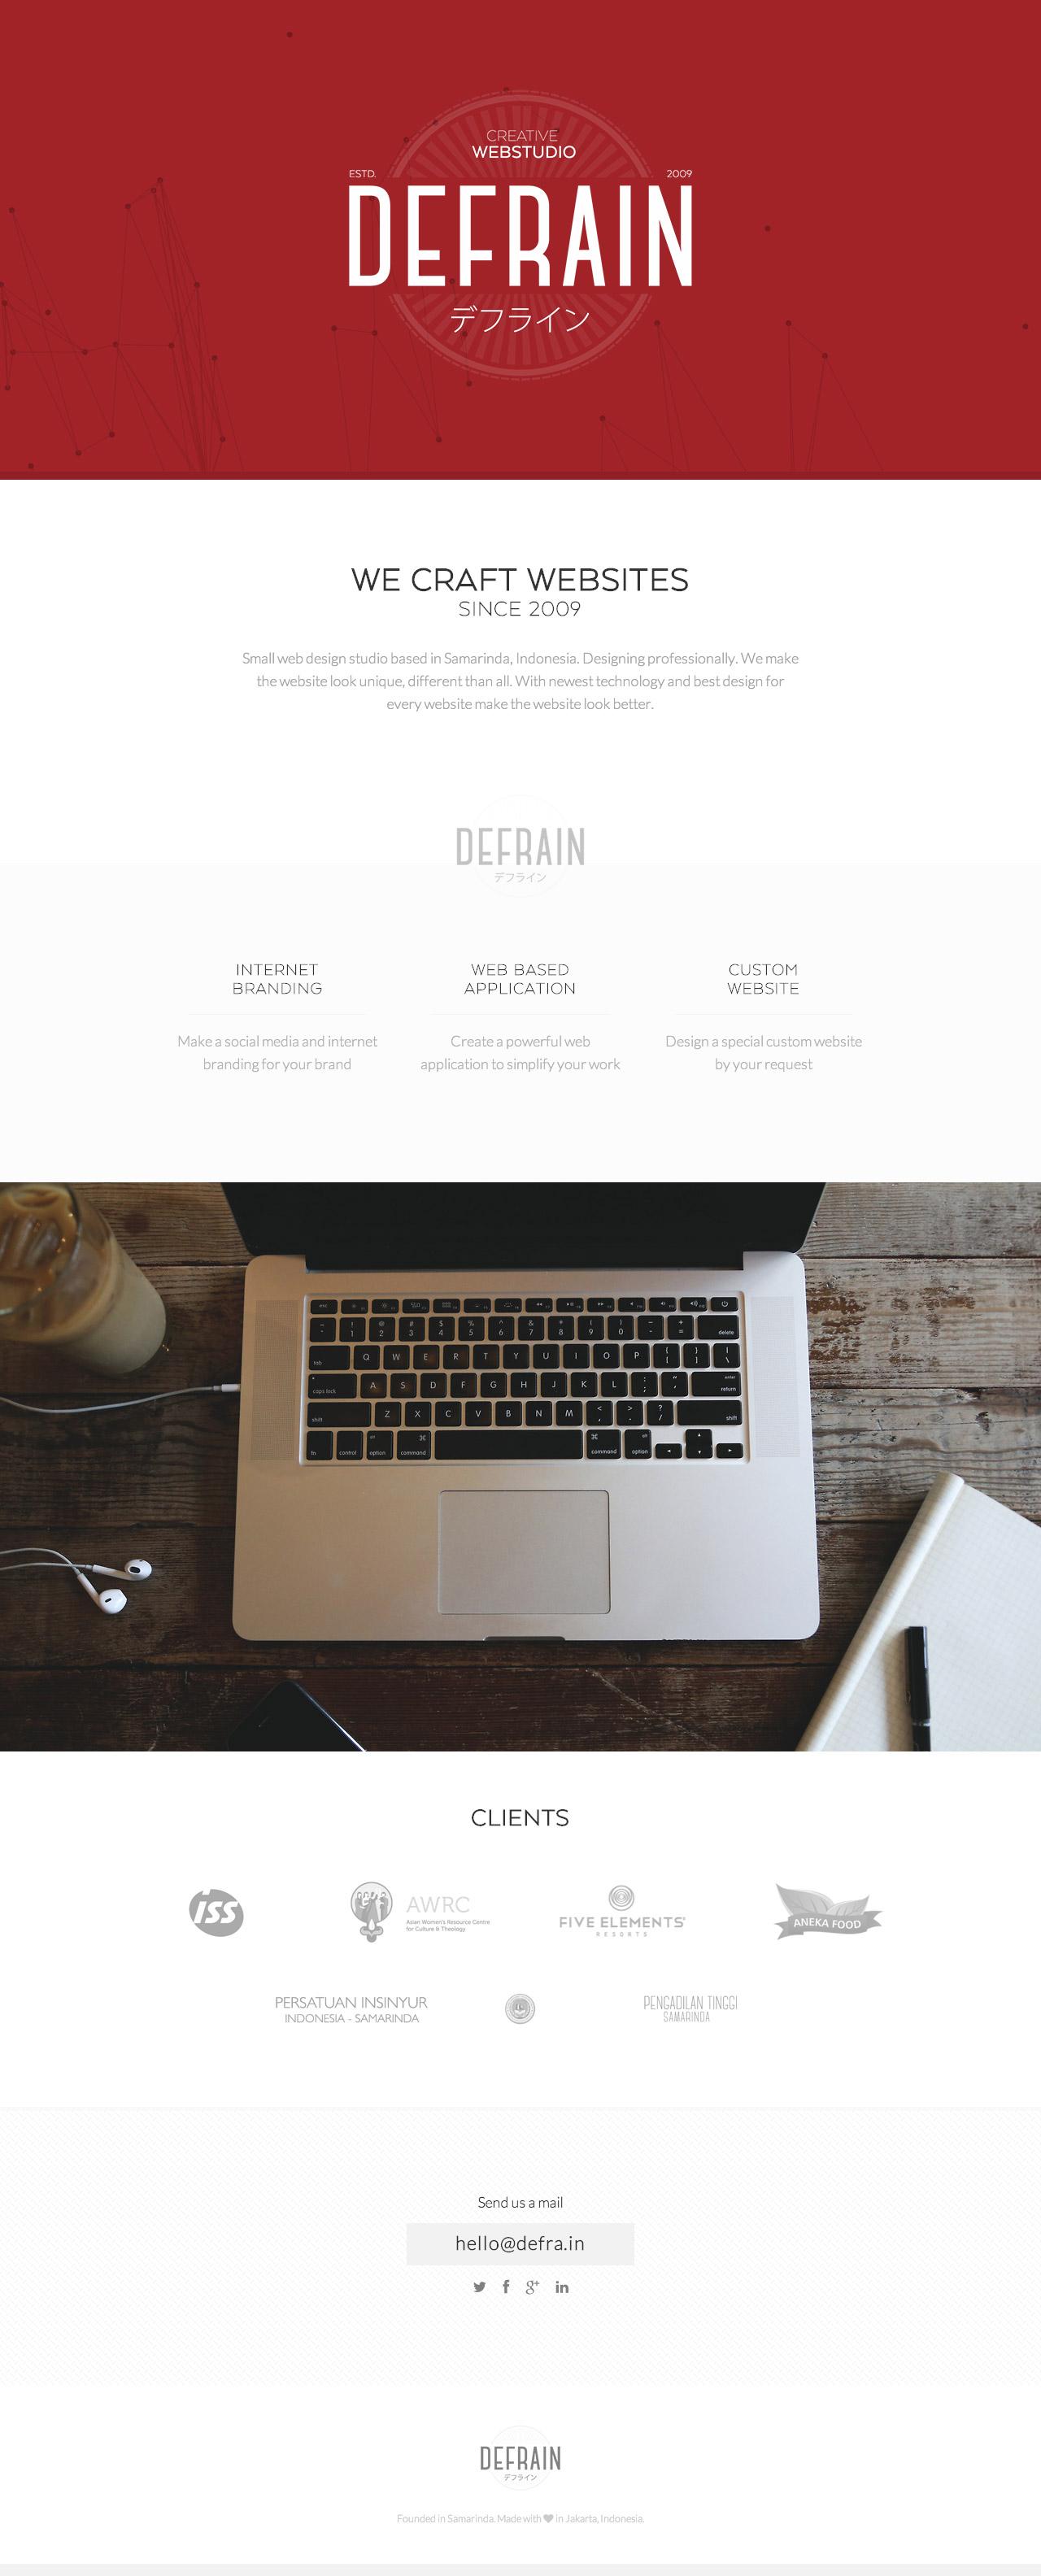 Defrain Webstudio Website Screenshot